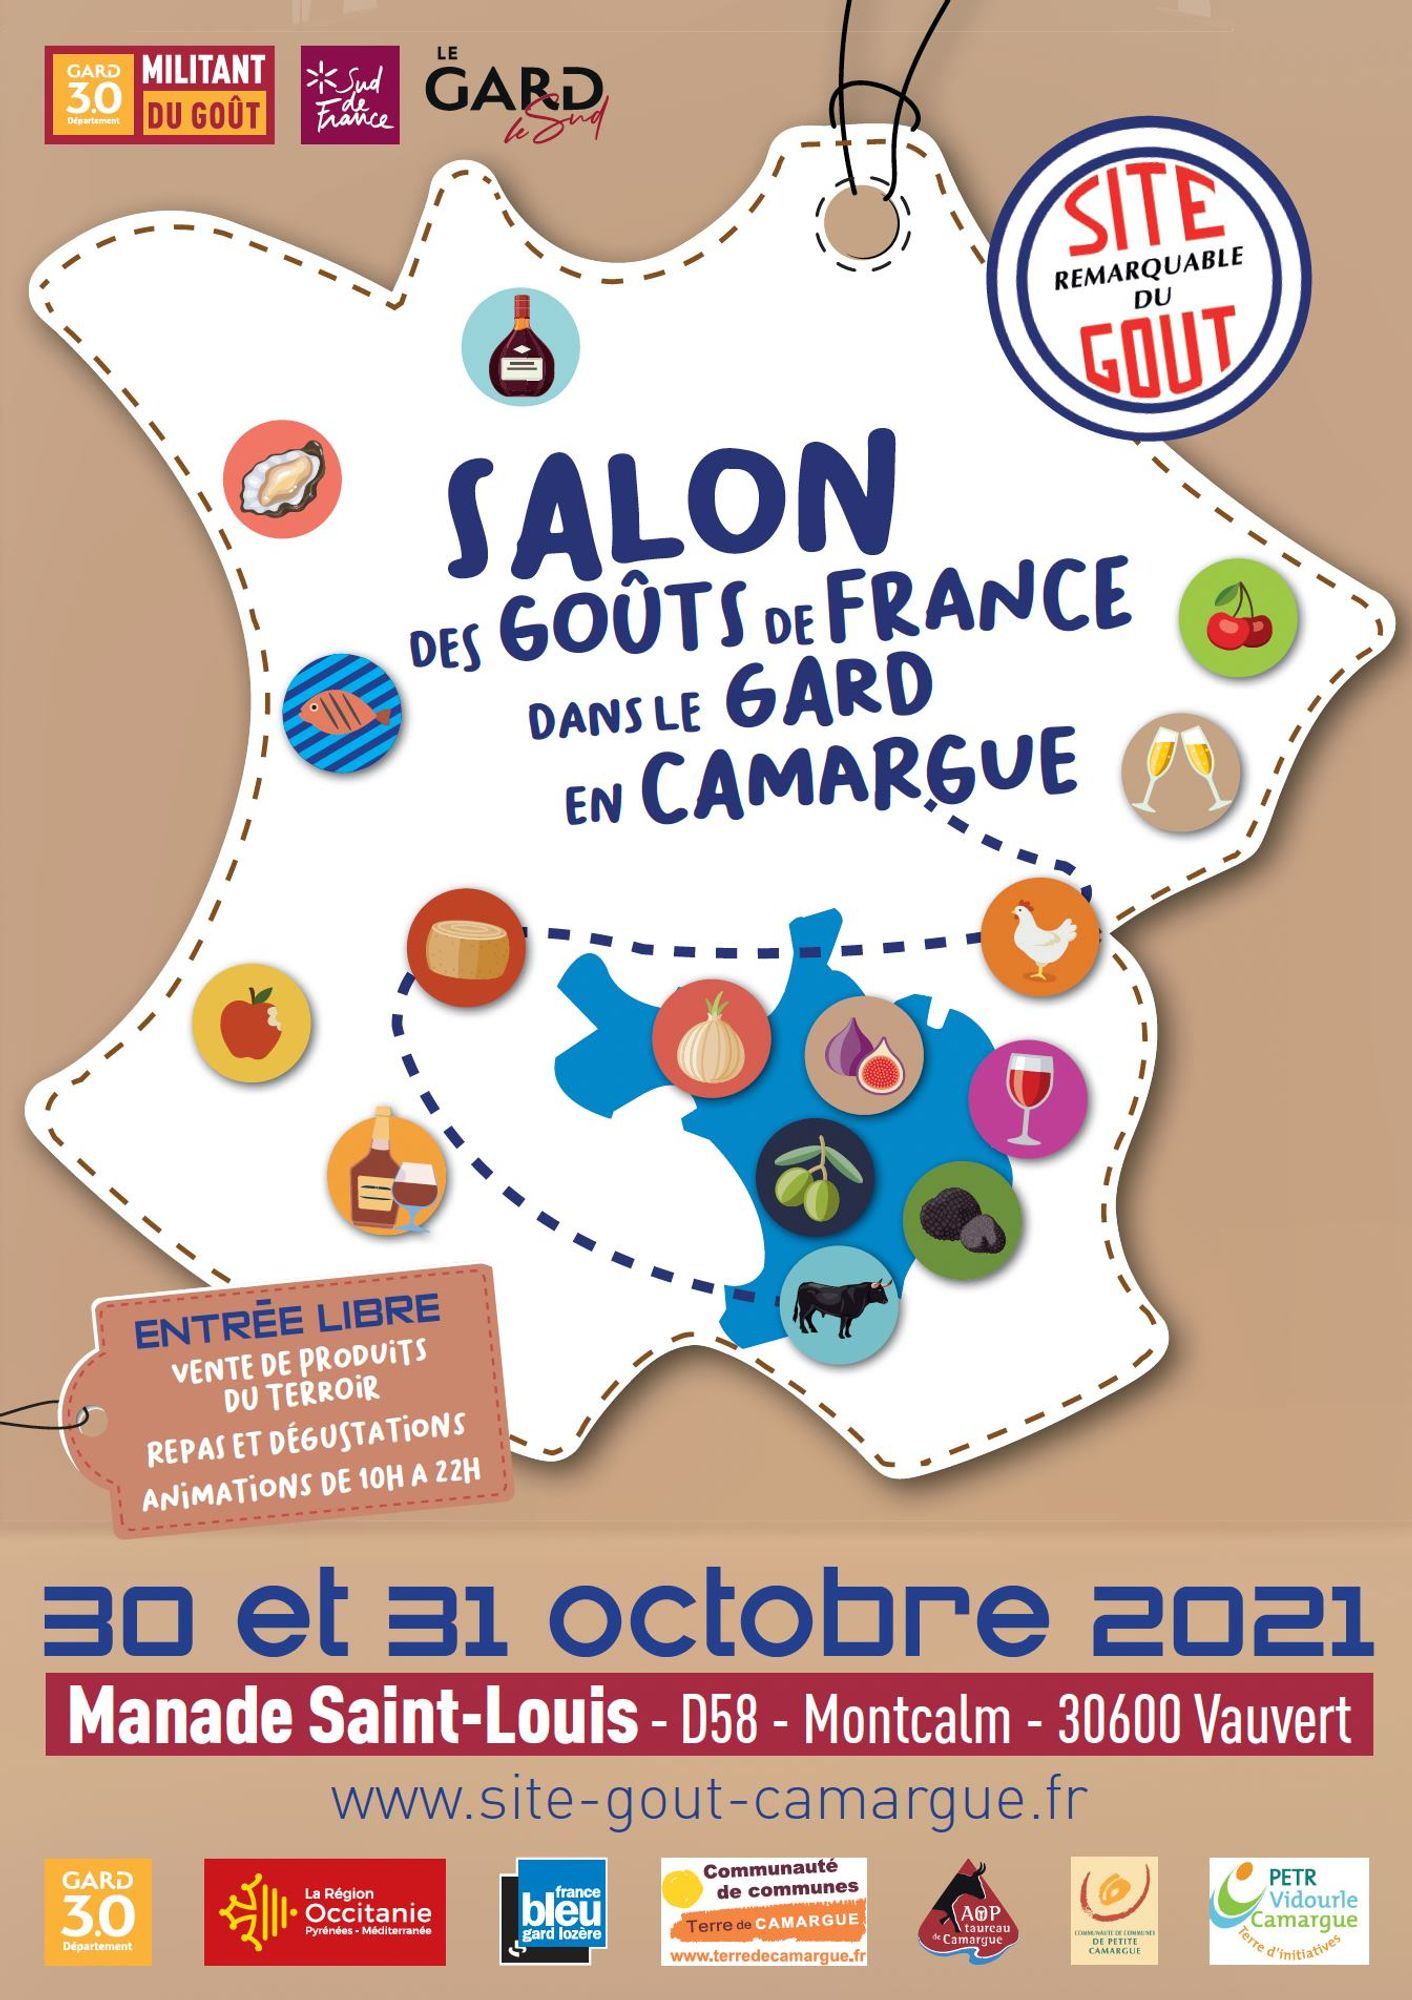 Salon des gouts Camargue